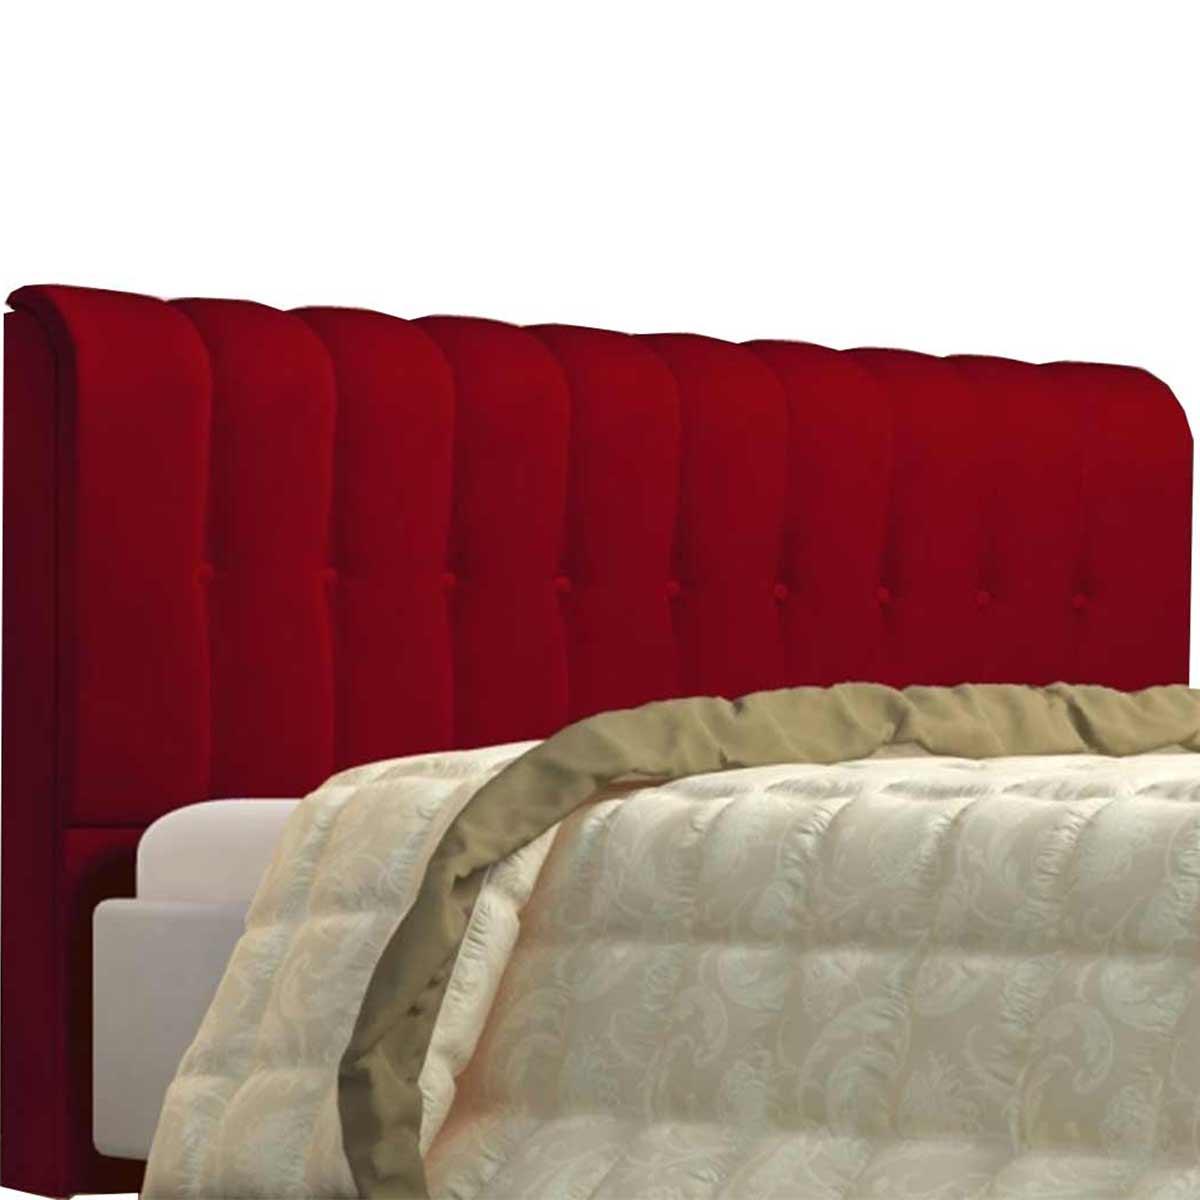 Cabeceira Solteiro Estofada Kiara 90 cm Suede Vermelho